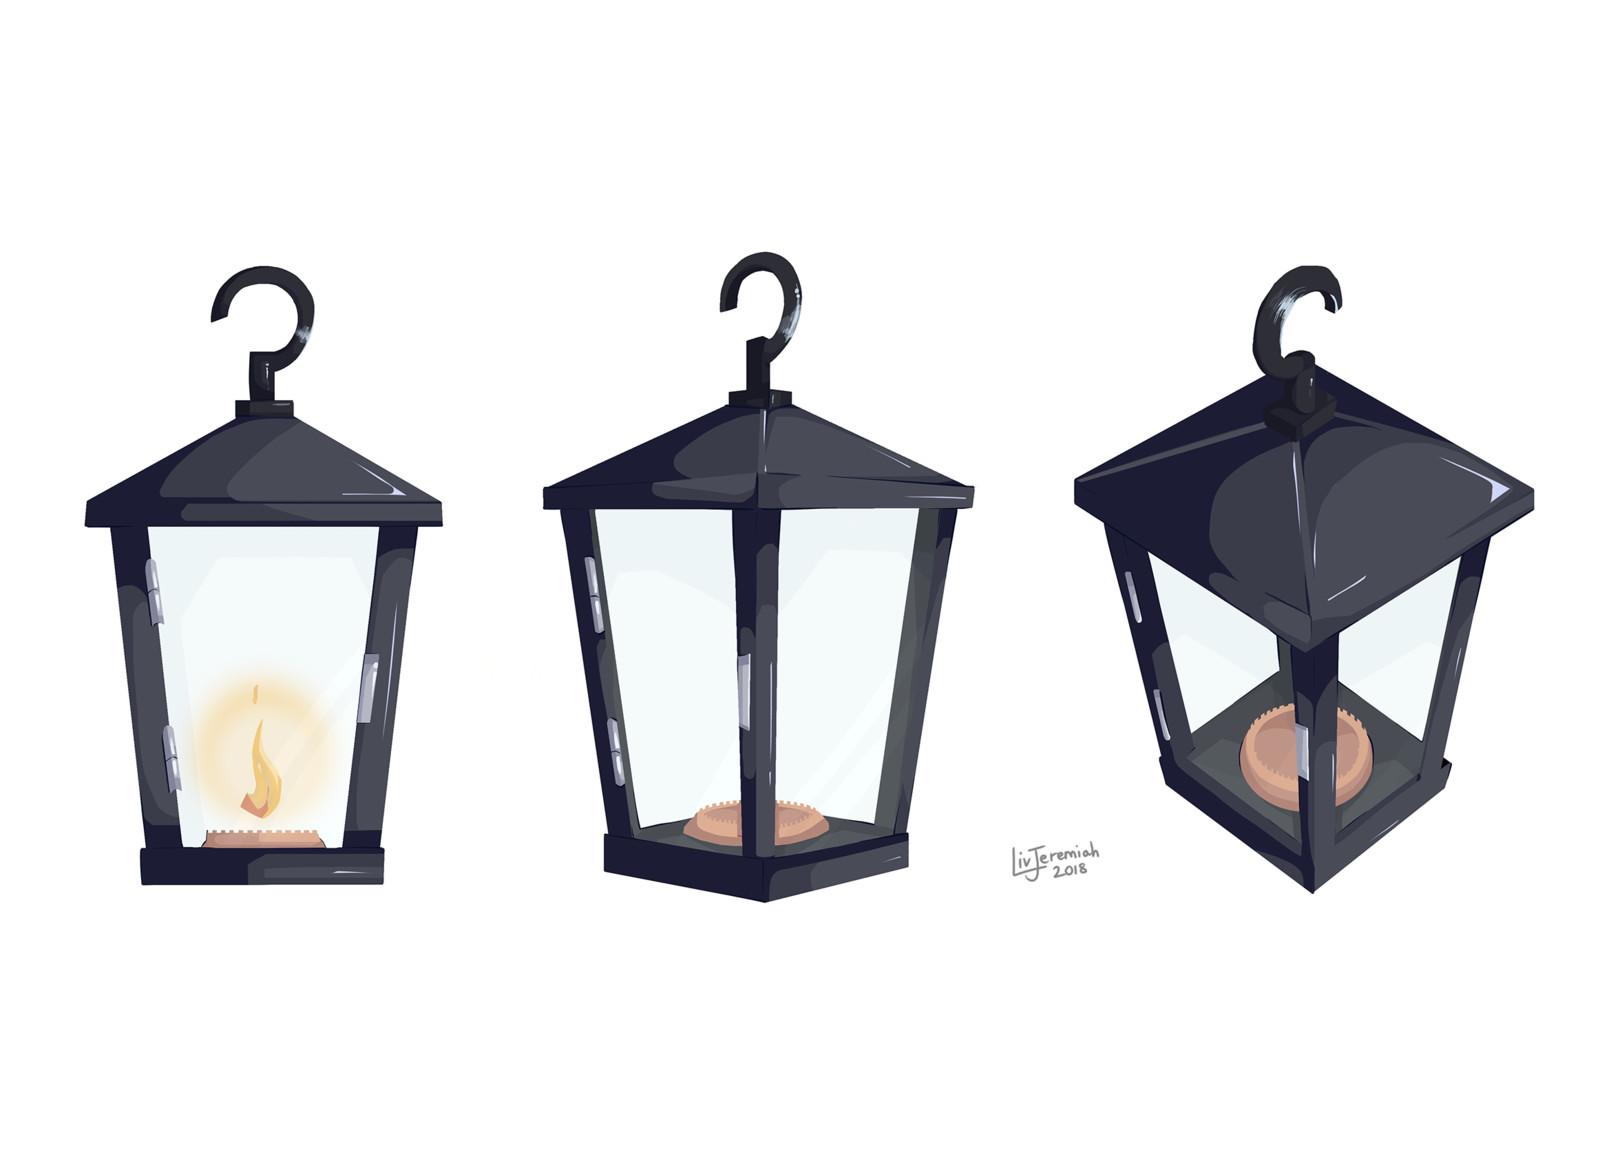 Prop - Nanu's lantern